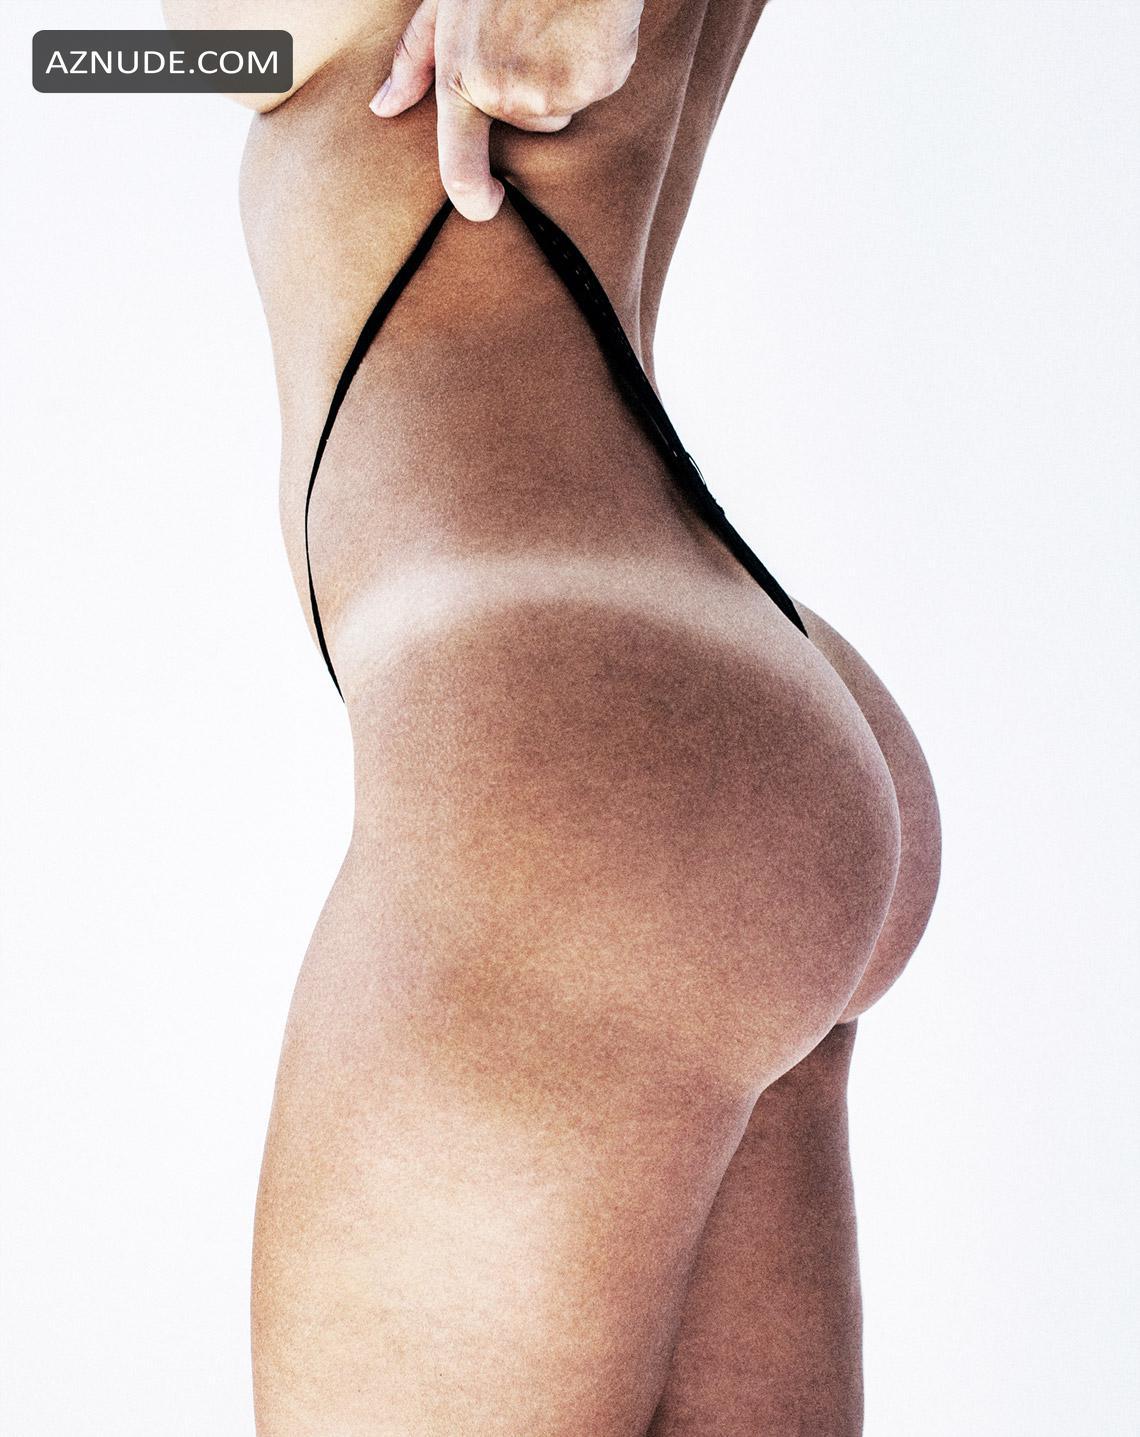 Nude photos Long legged girl pics